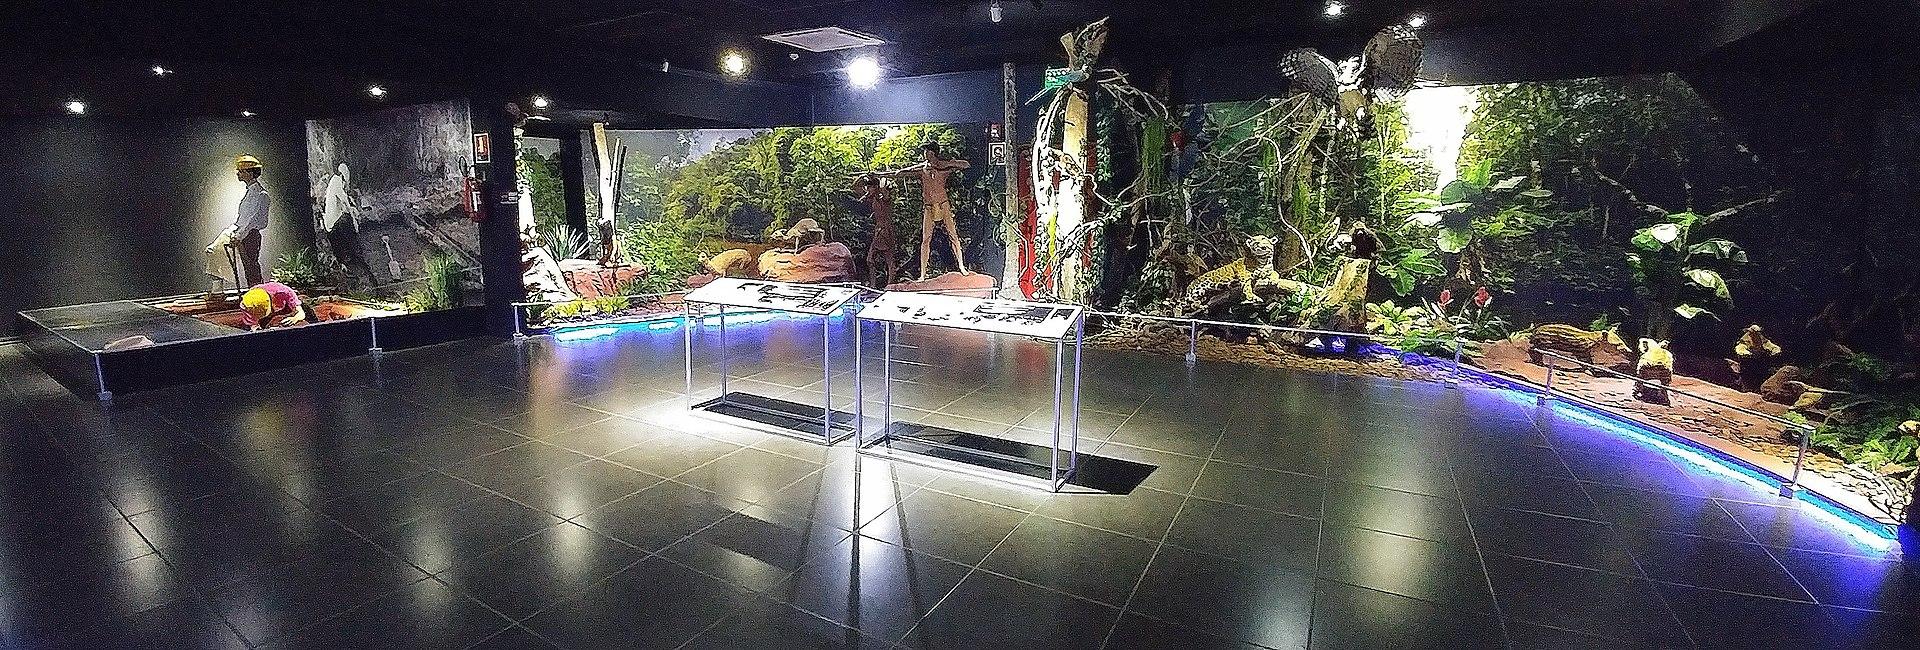 Main exhibition in Museo de la Tierra Guarani.jpg